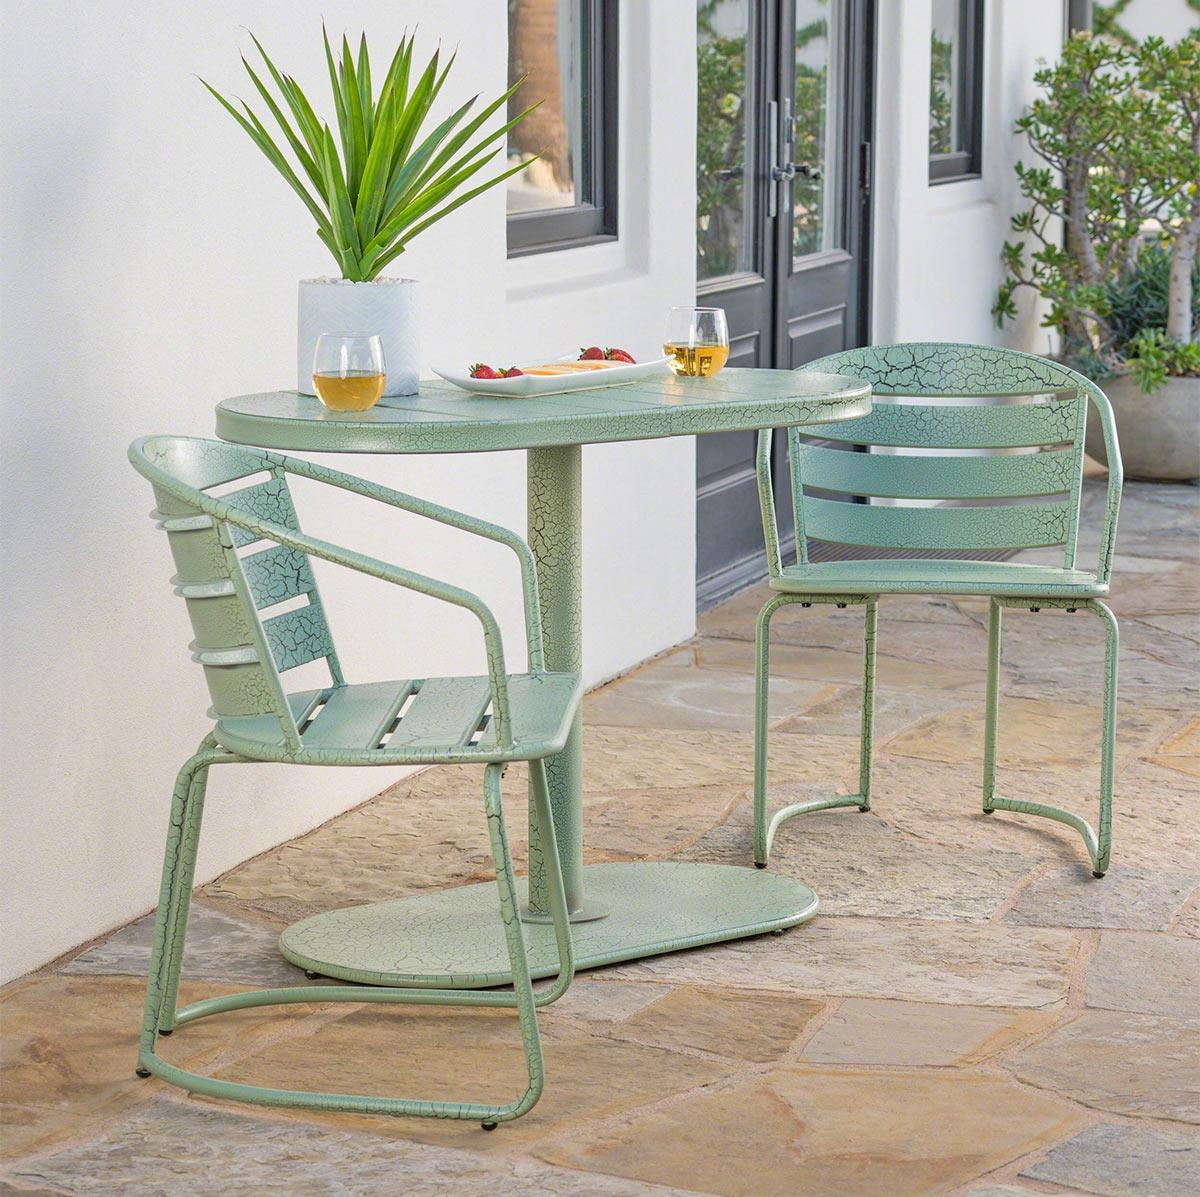 thiết kế bàn ăn ngoài trời